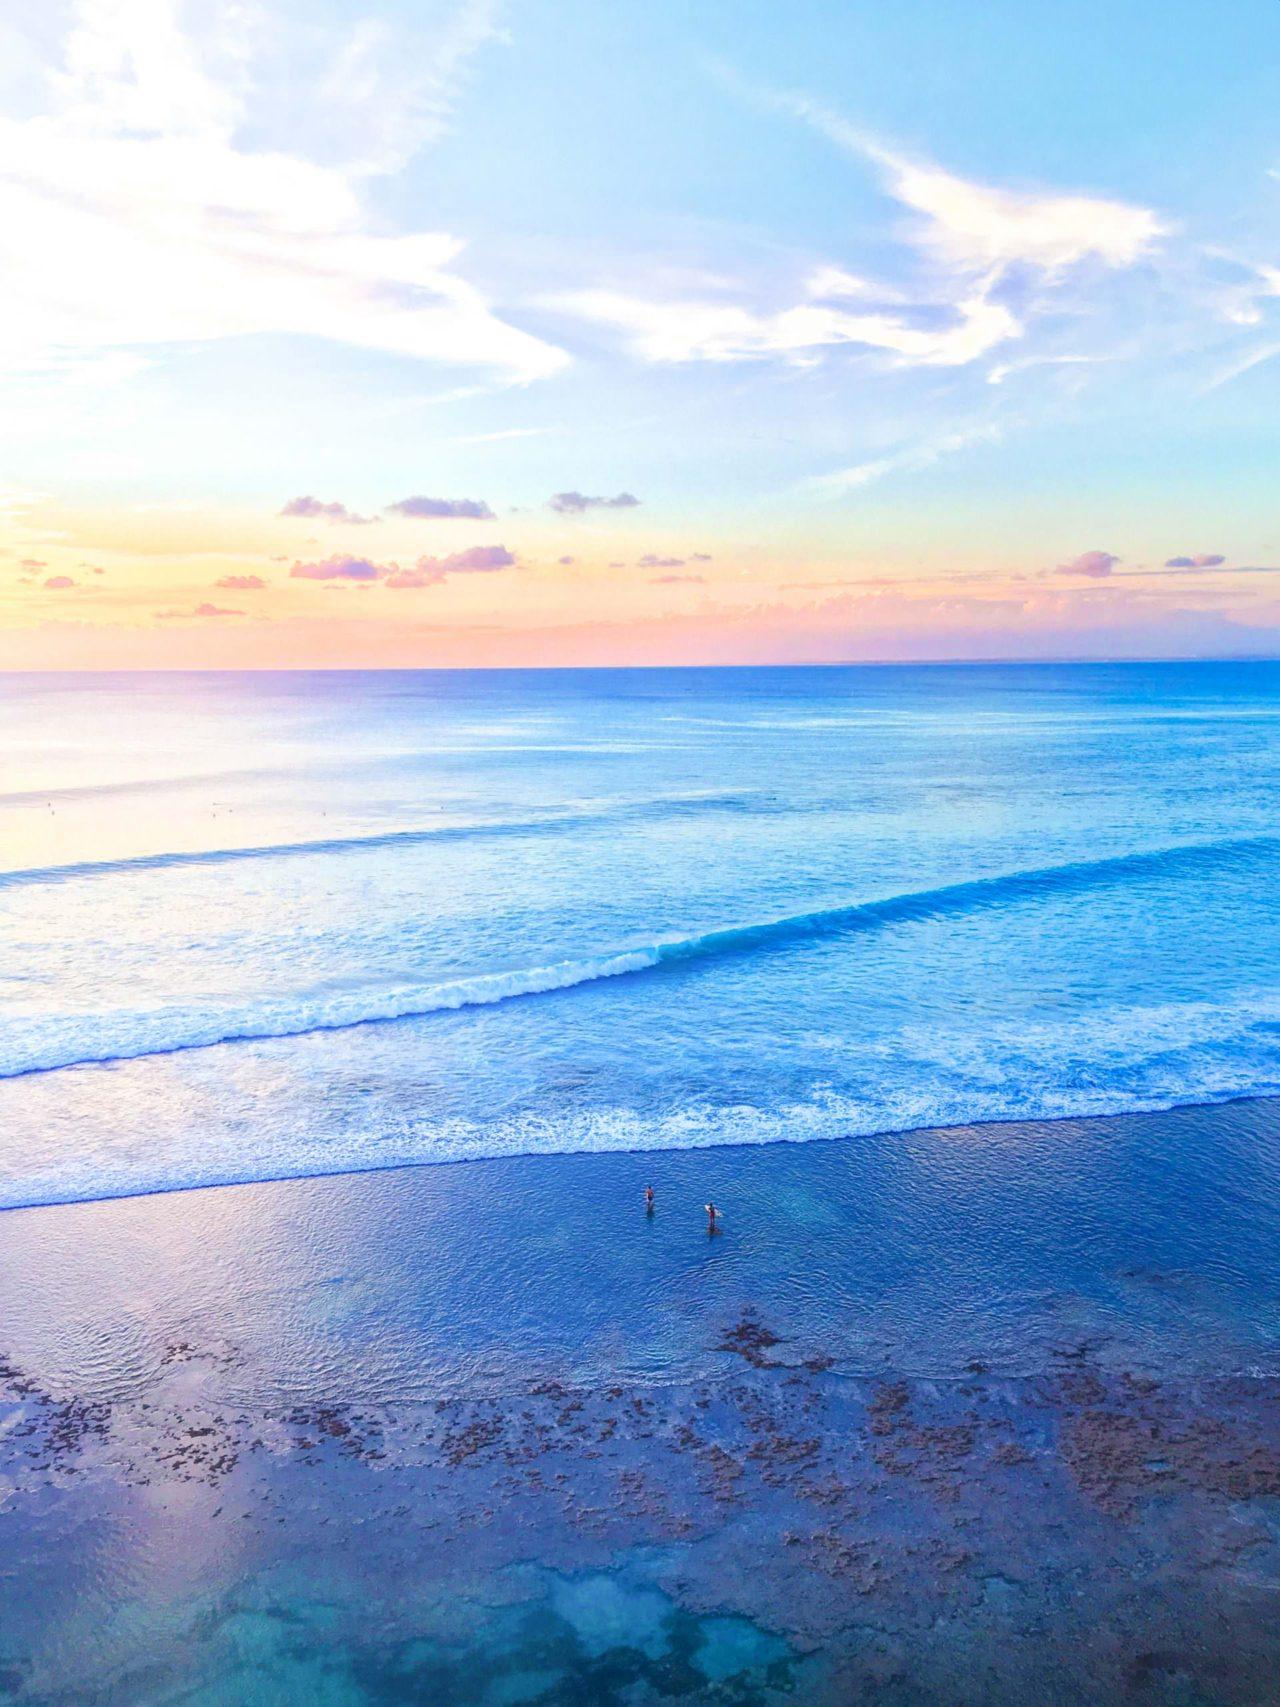 Pandawa beach, Bali, Indonesia. Photo: Bobby Bense.